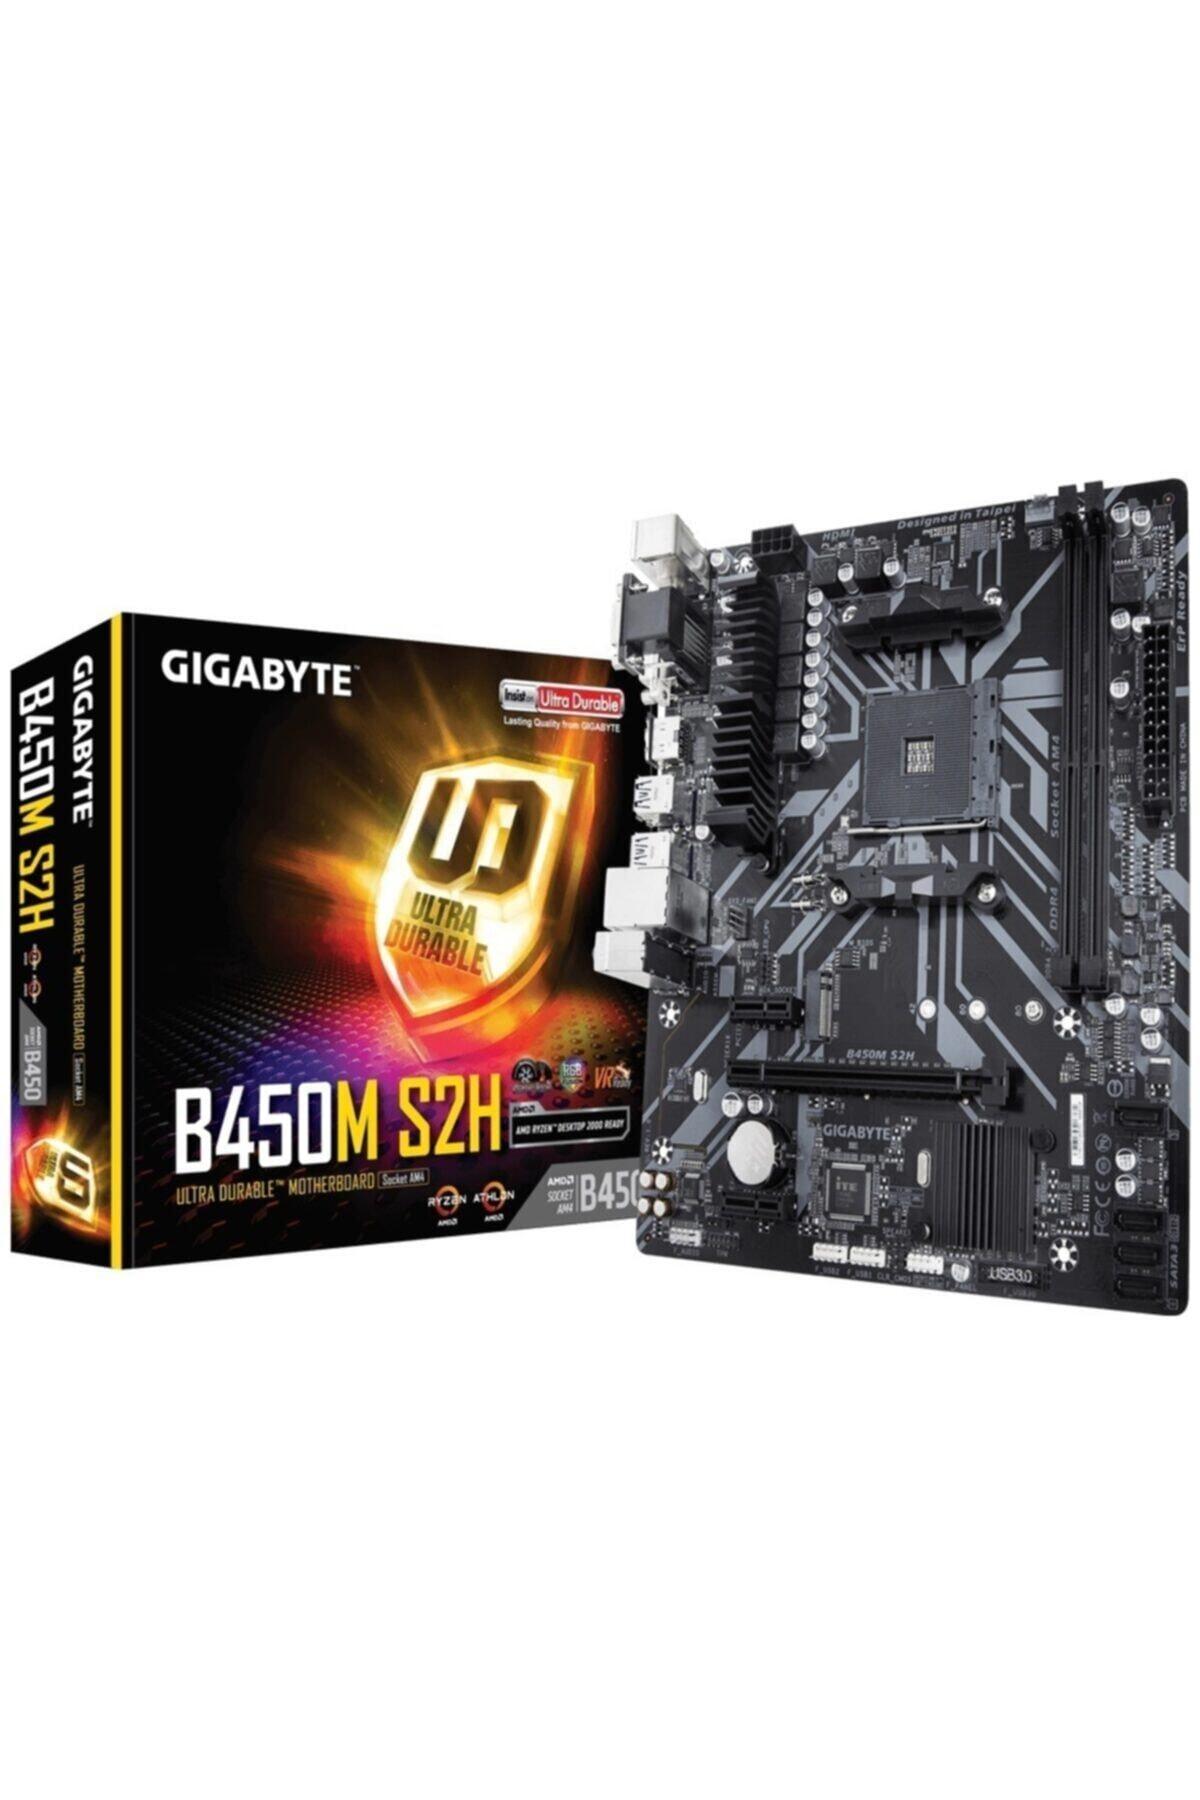 Gıgabyte B450m-s2h Ddr4 M2 Pcıe Nvme Hdmı Dvı Pcıe 16x V3.0 Am4 Matx